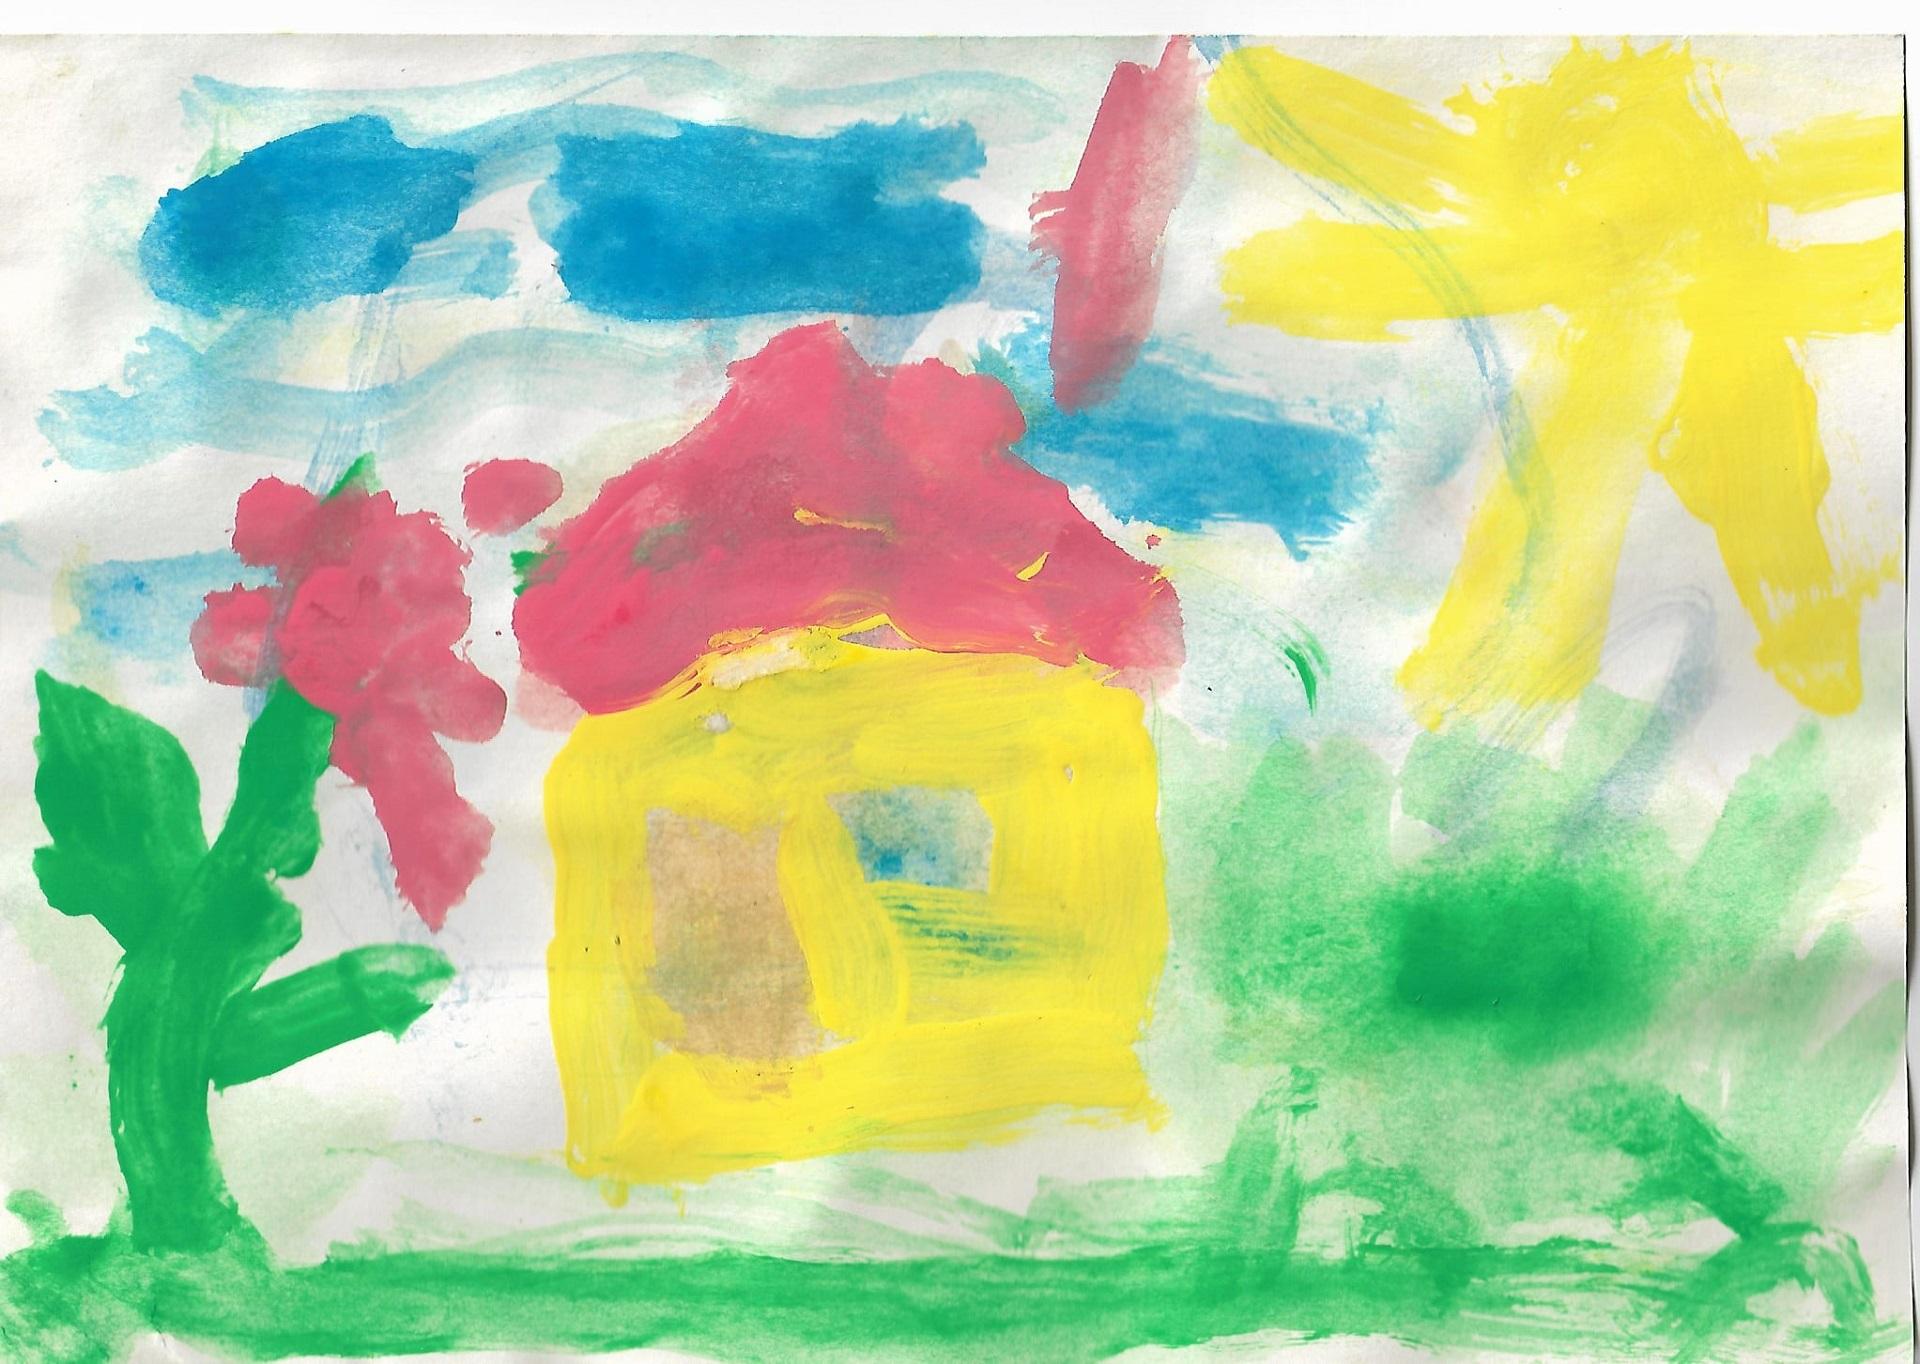 """""""Močiutės namas"""" - Amelie, 5 metai (Römerberg)"""